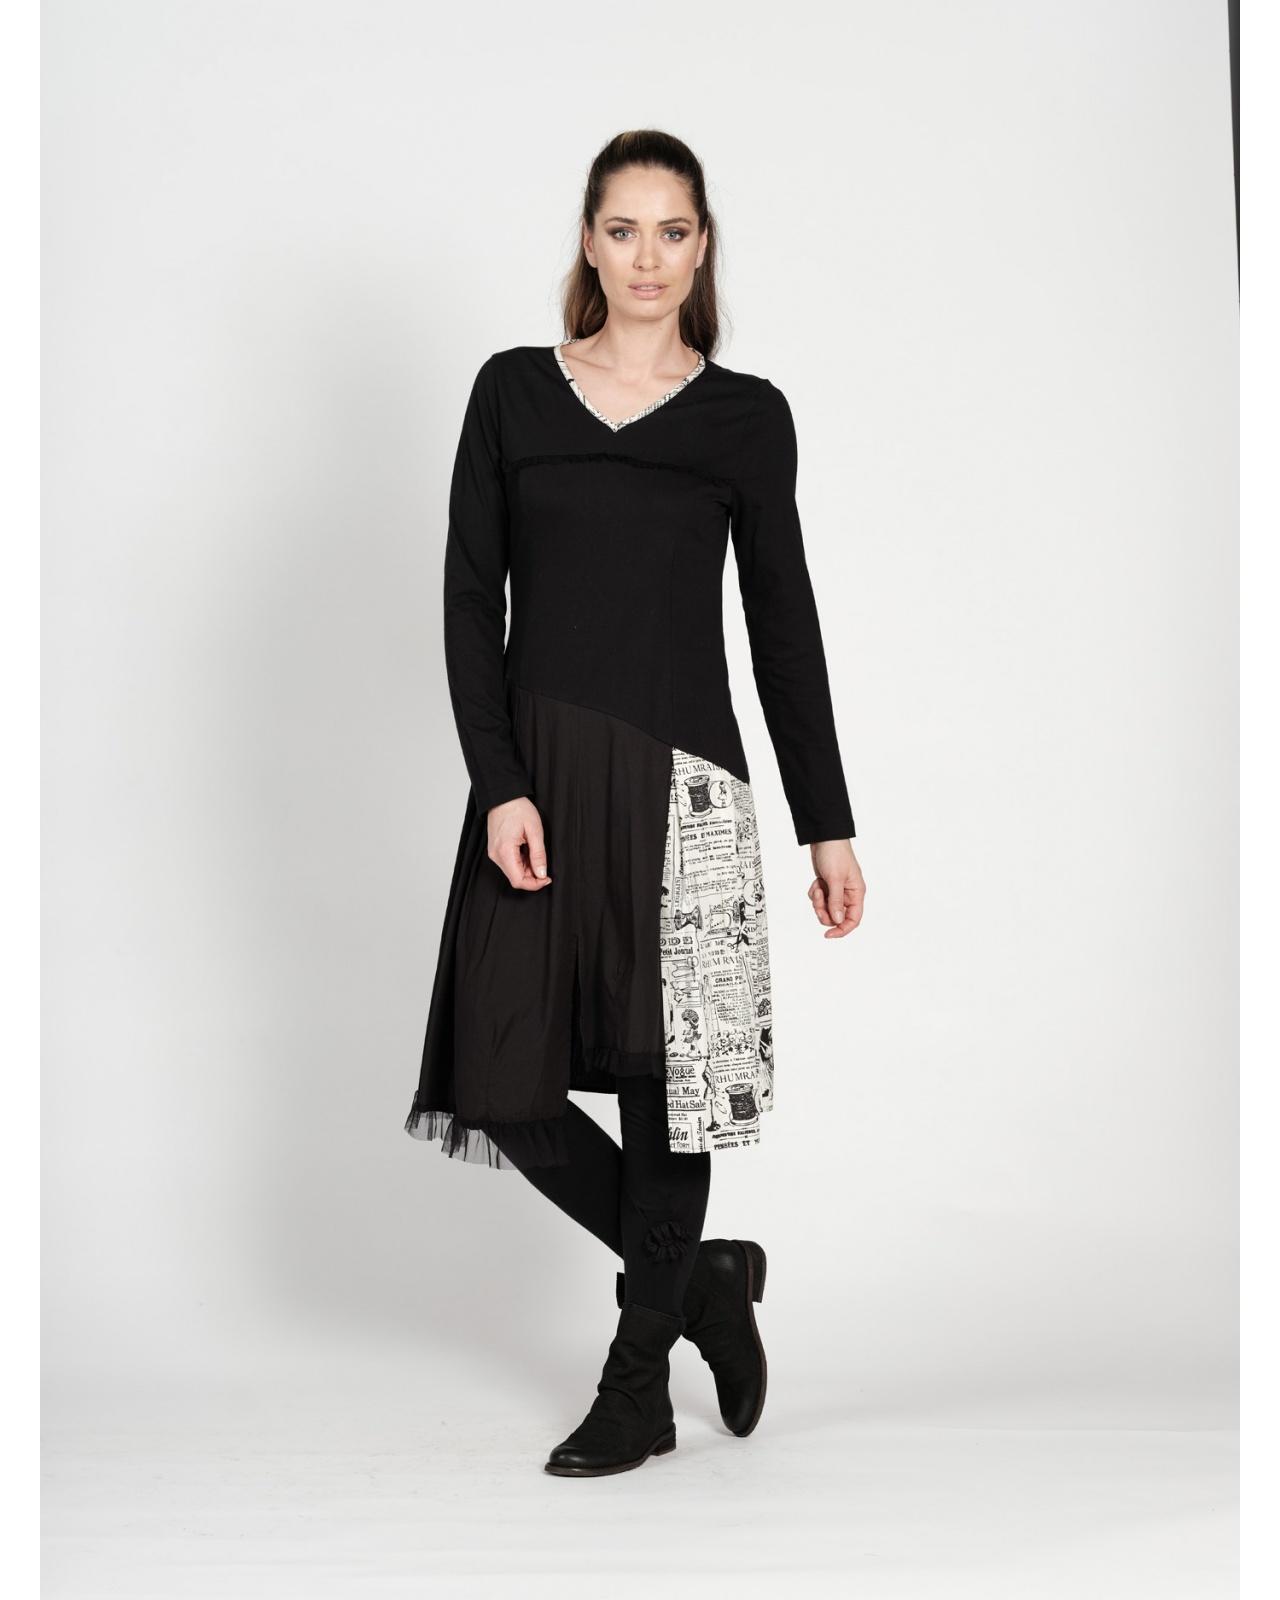 DRESS JULIETTE N°80